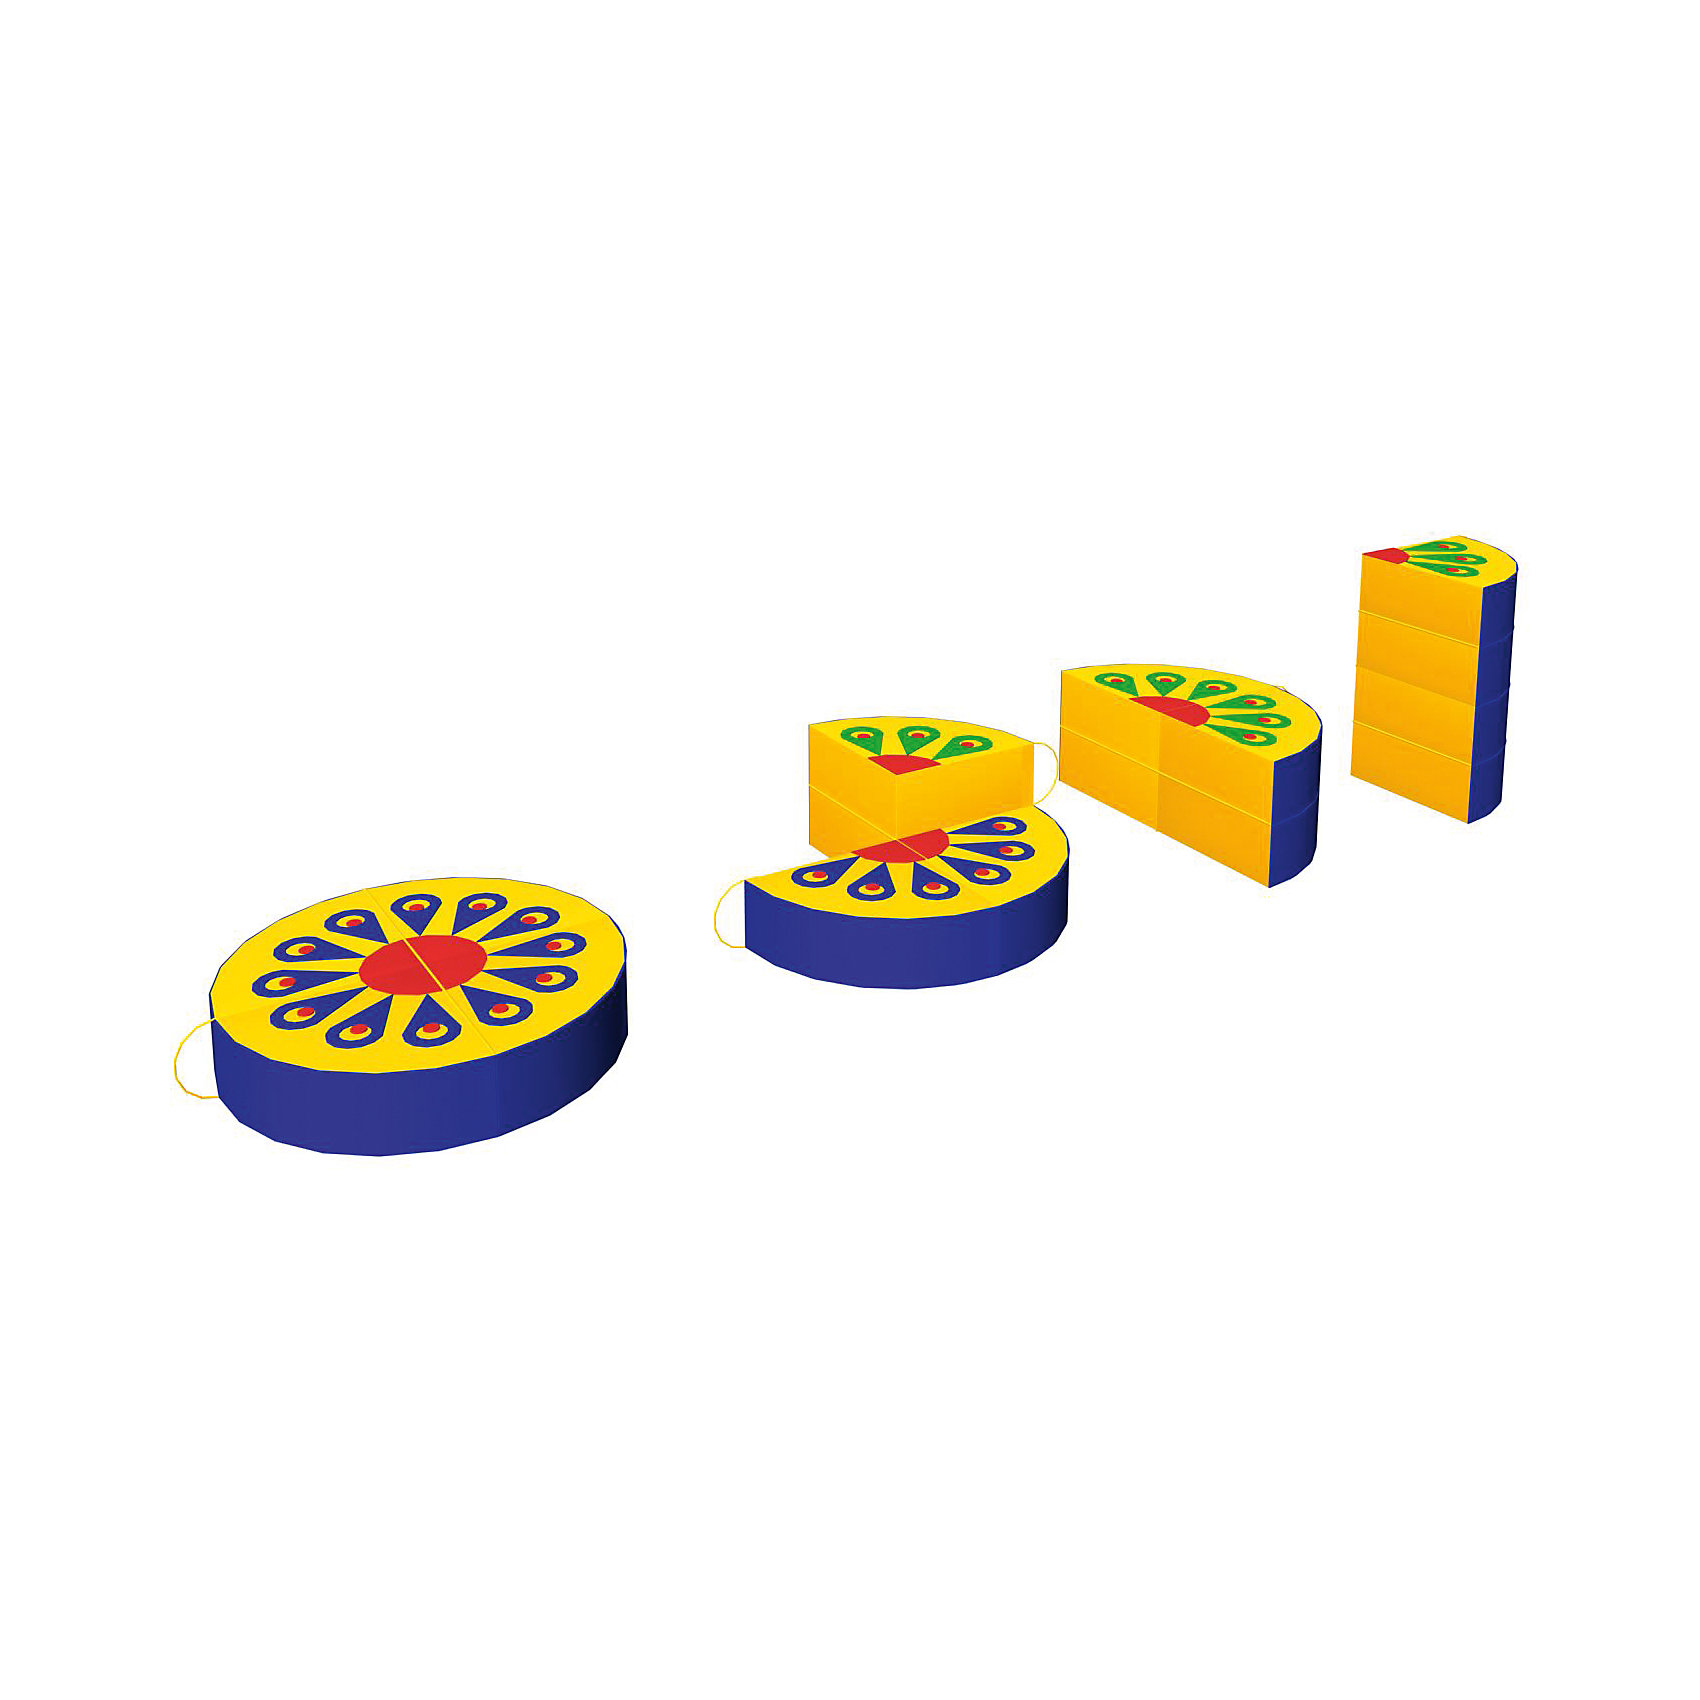 Игровая мебель Жар-птица, RomanaМебель<br>Характеристики:<br><br>• развивает фантазию, пространственное мышление, моторику рук;<br>• в комплекте: 4 фигуры;<br>• размер фигуры: 40х40х10 см;<br>• материал: винилискожа, поролон;<br>• размер упаковки: 80х80х10 см;<br>• вес: 1800 грамм.<br><br>Игровая мебель Жар-птица - универсальный набор из четырех мягких фигур. Сложив фигуры в круг, ребенок увидит чудесный рисунок, напоминающий хвост сказочной птицы. А проявив фантазию, можно придумать оригинальную фигуру или сооружение. <br><br>Игра способствует развитию моторики рук и пространственного мышления. Кроме того, ребенок познакомится с цветами и формами. <br><br>Фигуры изготовлены из поролона и винилискожи. Мягкий материал препятствует травмированию во время игр. В случае необходимости вы легко очистите поверхность пуфов моющими средствами.<br><br>Игровую мебель Жар-птица, Romana (Романа) вы можете купить в нашем интернет-магазине.<br><br>Ширина мм: 800<br>Глубина мм: 800<br>Высота мм: 100<br>Вес г: 1800<br>Возраст от месяцев: 36<br>Возраст до месяцев: 60<br>Пол: Унисекс<br>Возраст: Детский<br>SKU: 6742453